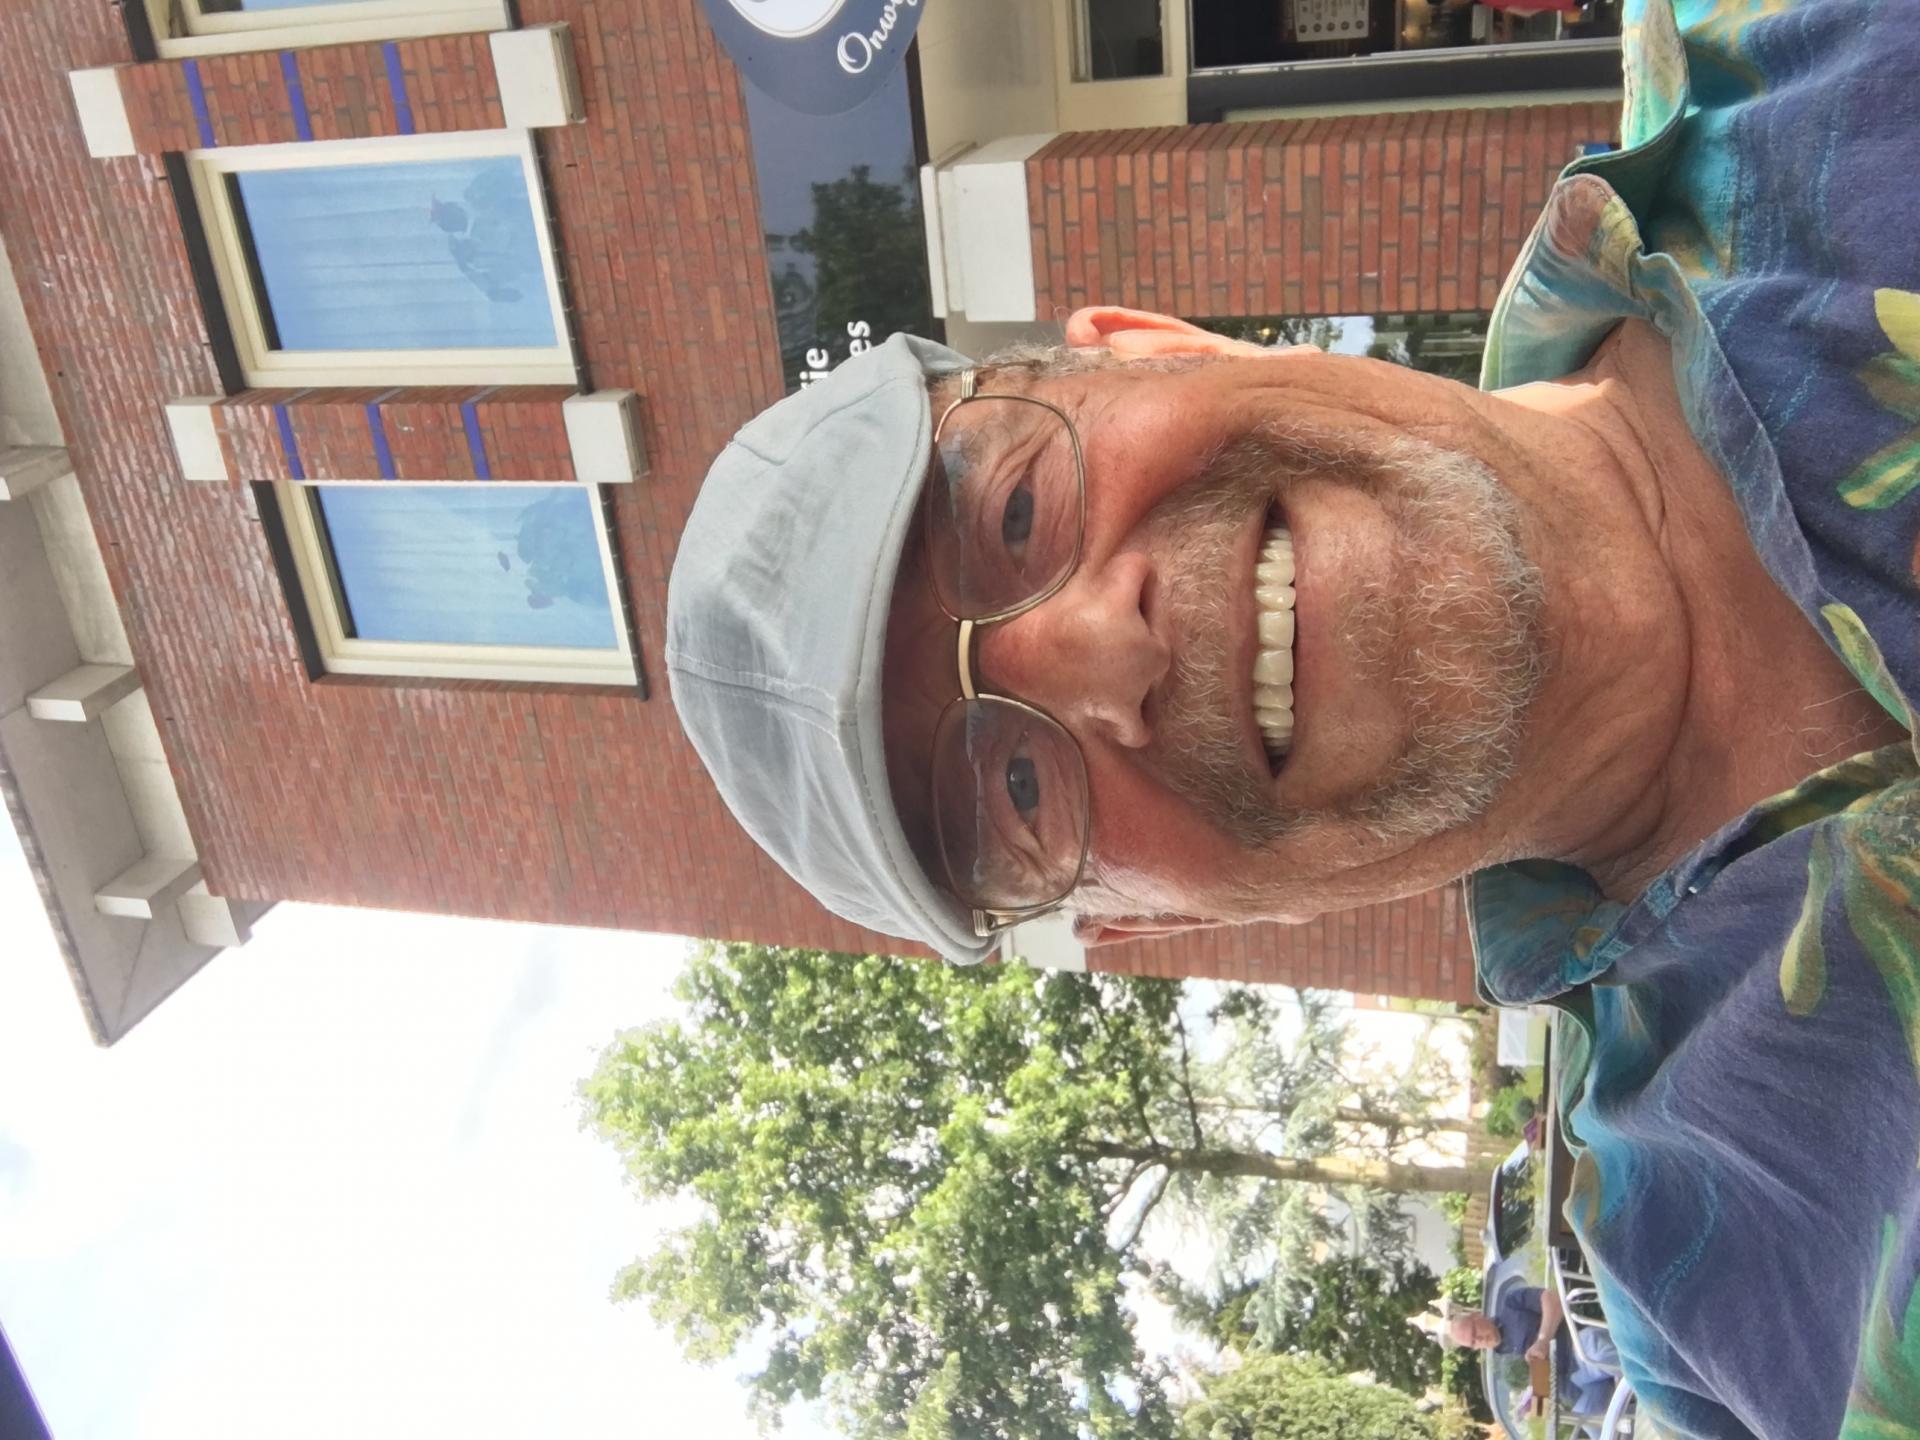 Gerardo2019 uit Gelderland,Nederland